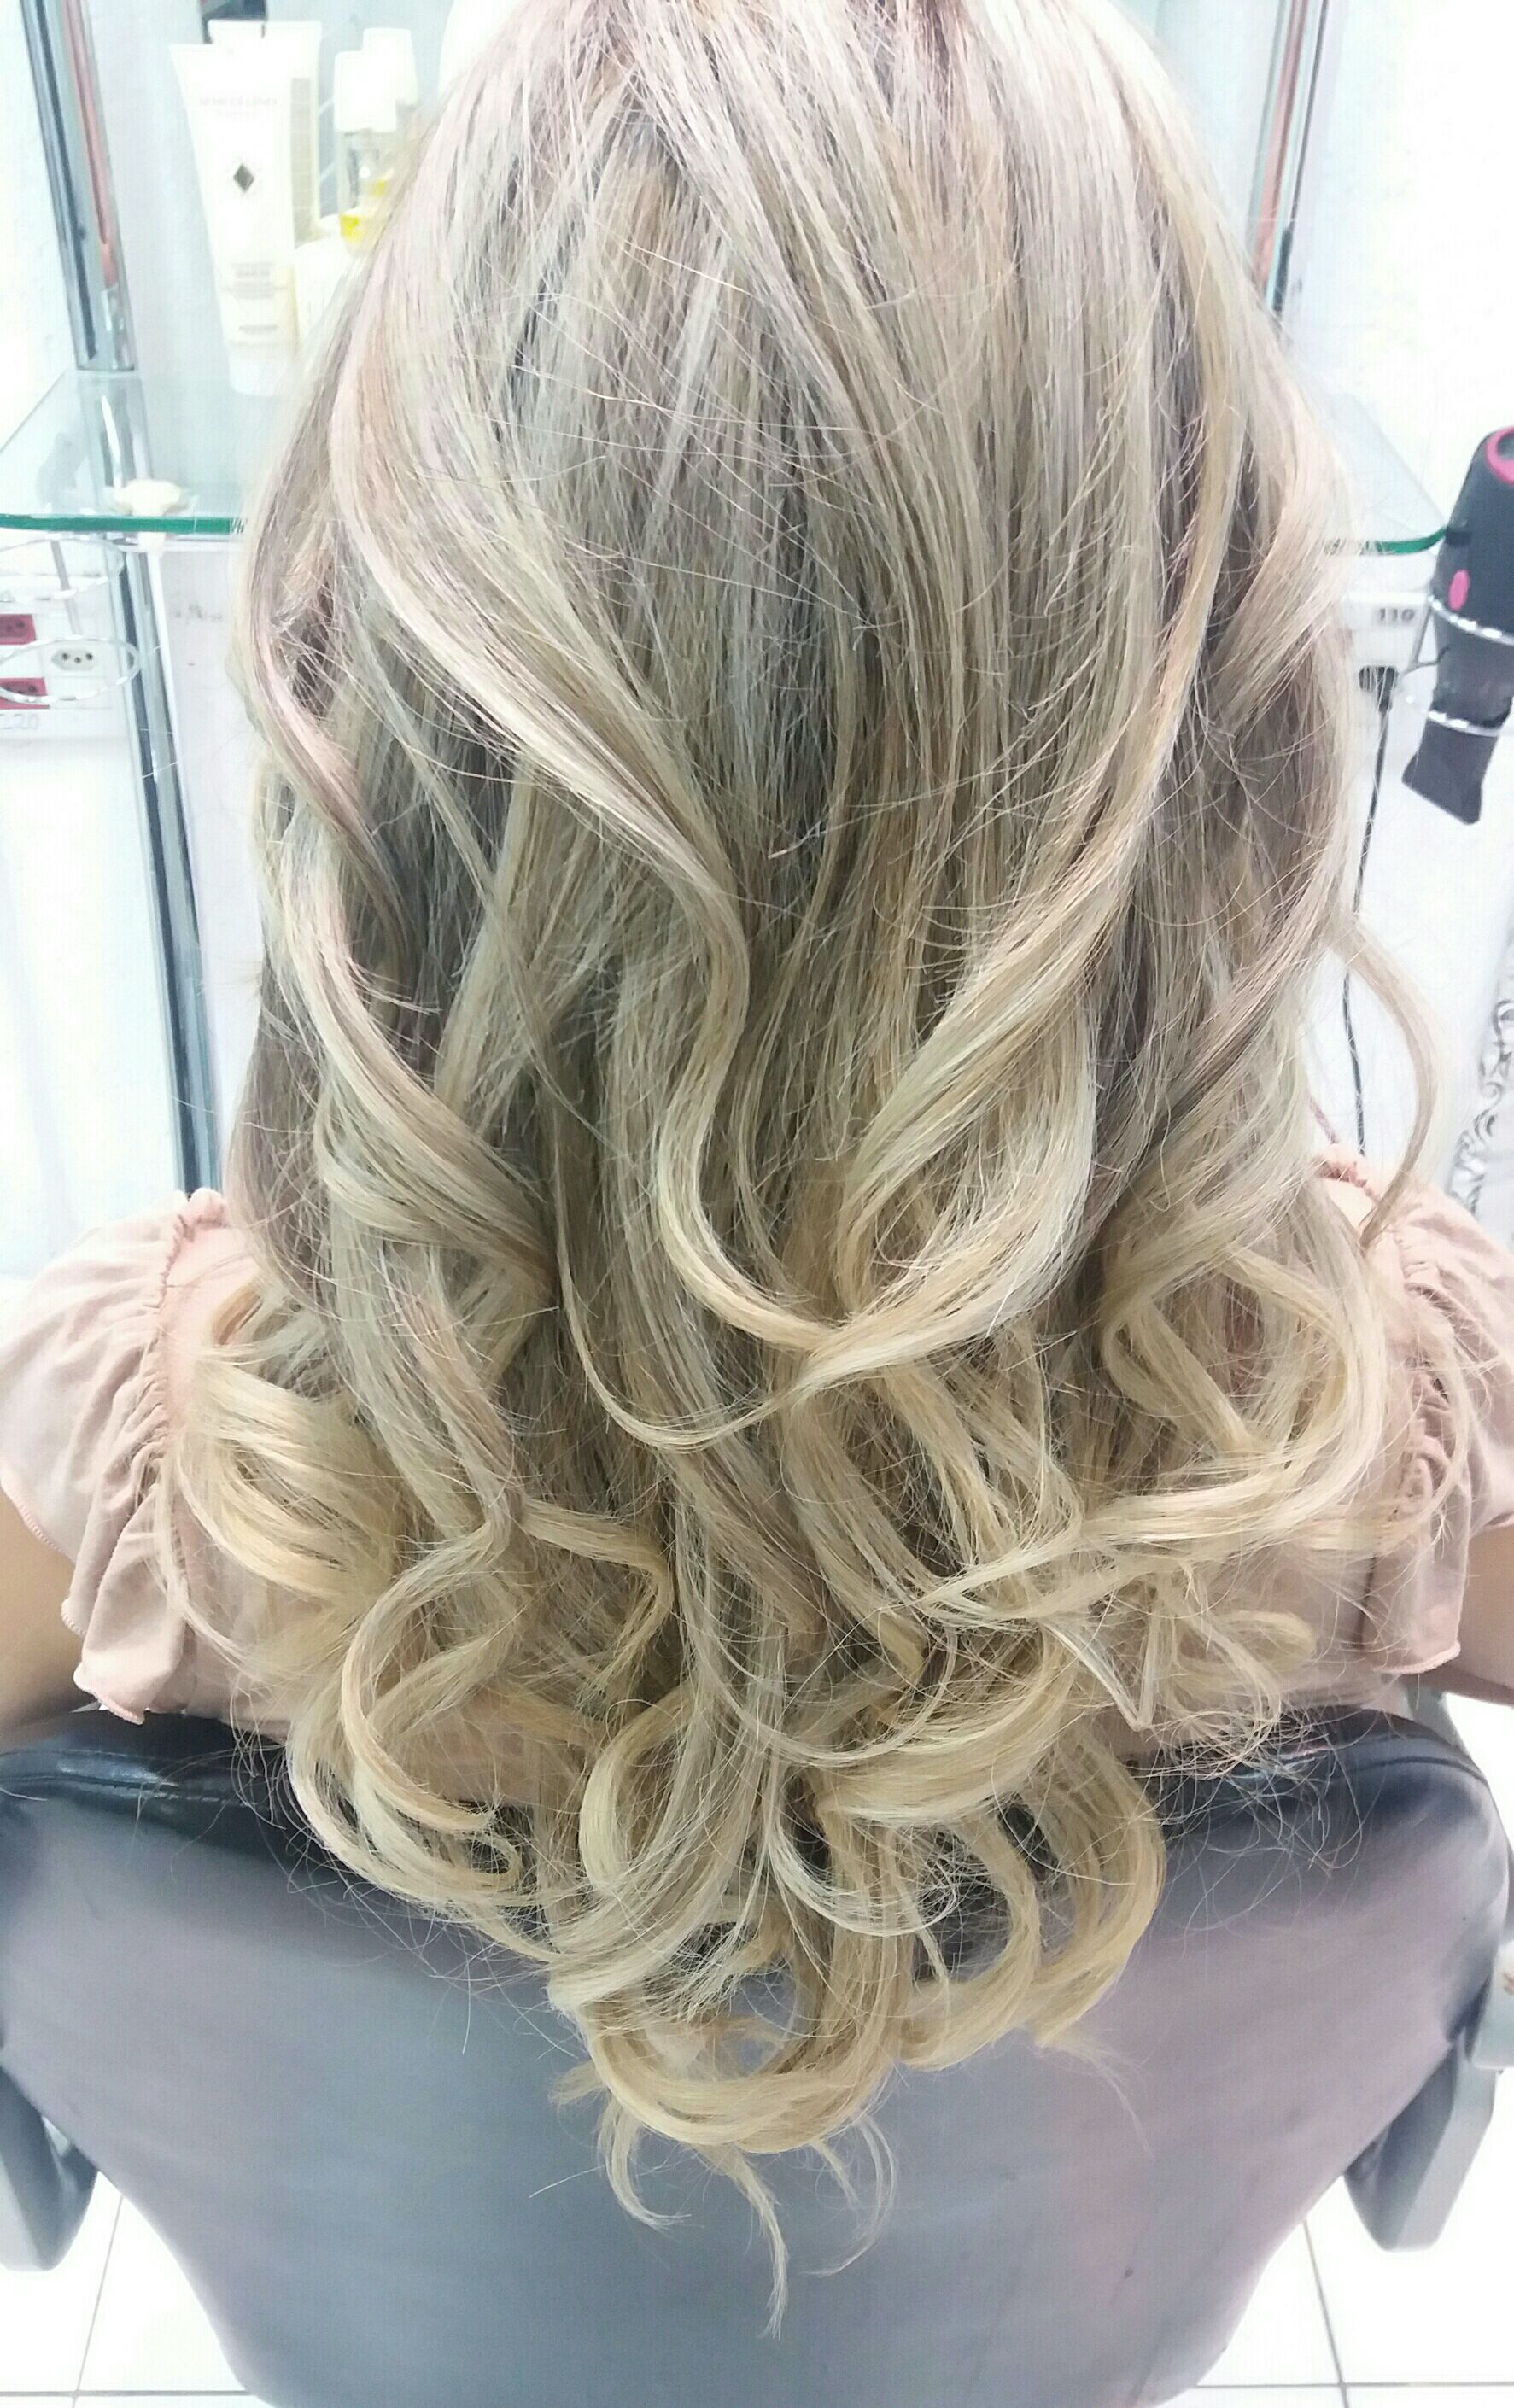 Iluminação global, com técnica em ombré e mechas auxiliar cabeleireiro(a) auxiliar cabeleireiro(a) auxiliar cabeleireiro(a) auxiliar cabeleireiro(a) auxiliar cabeleireiro(a) barbeiro(a) cabeleireiro(a) escovista escovista stylist / visagista auxiliar cabeleireiro(a) barbeiro(a) auxiliar cabeleireiro(a) cabeleireiro(a) cabeleireiro(a) cabeleireiro(a) cabeleireiro(a)